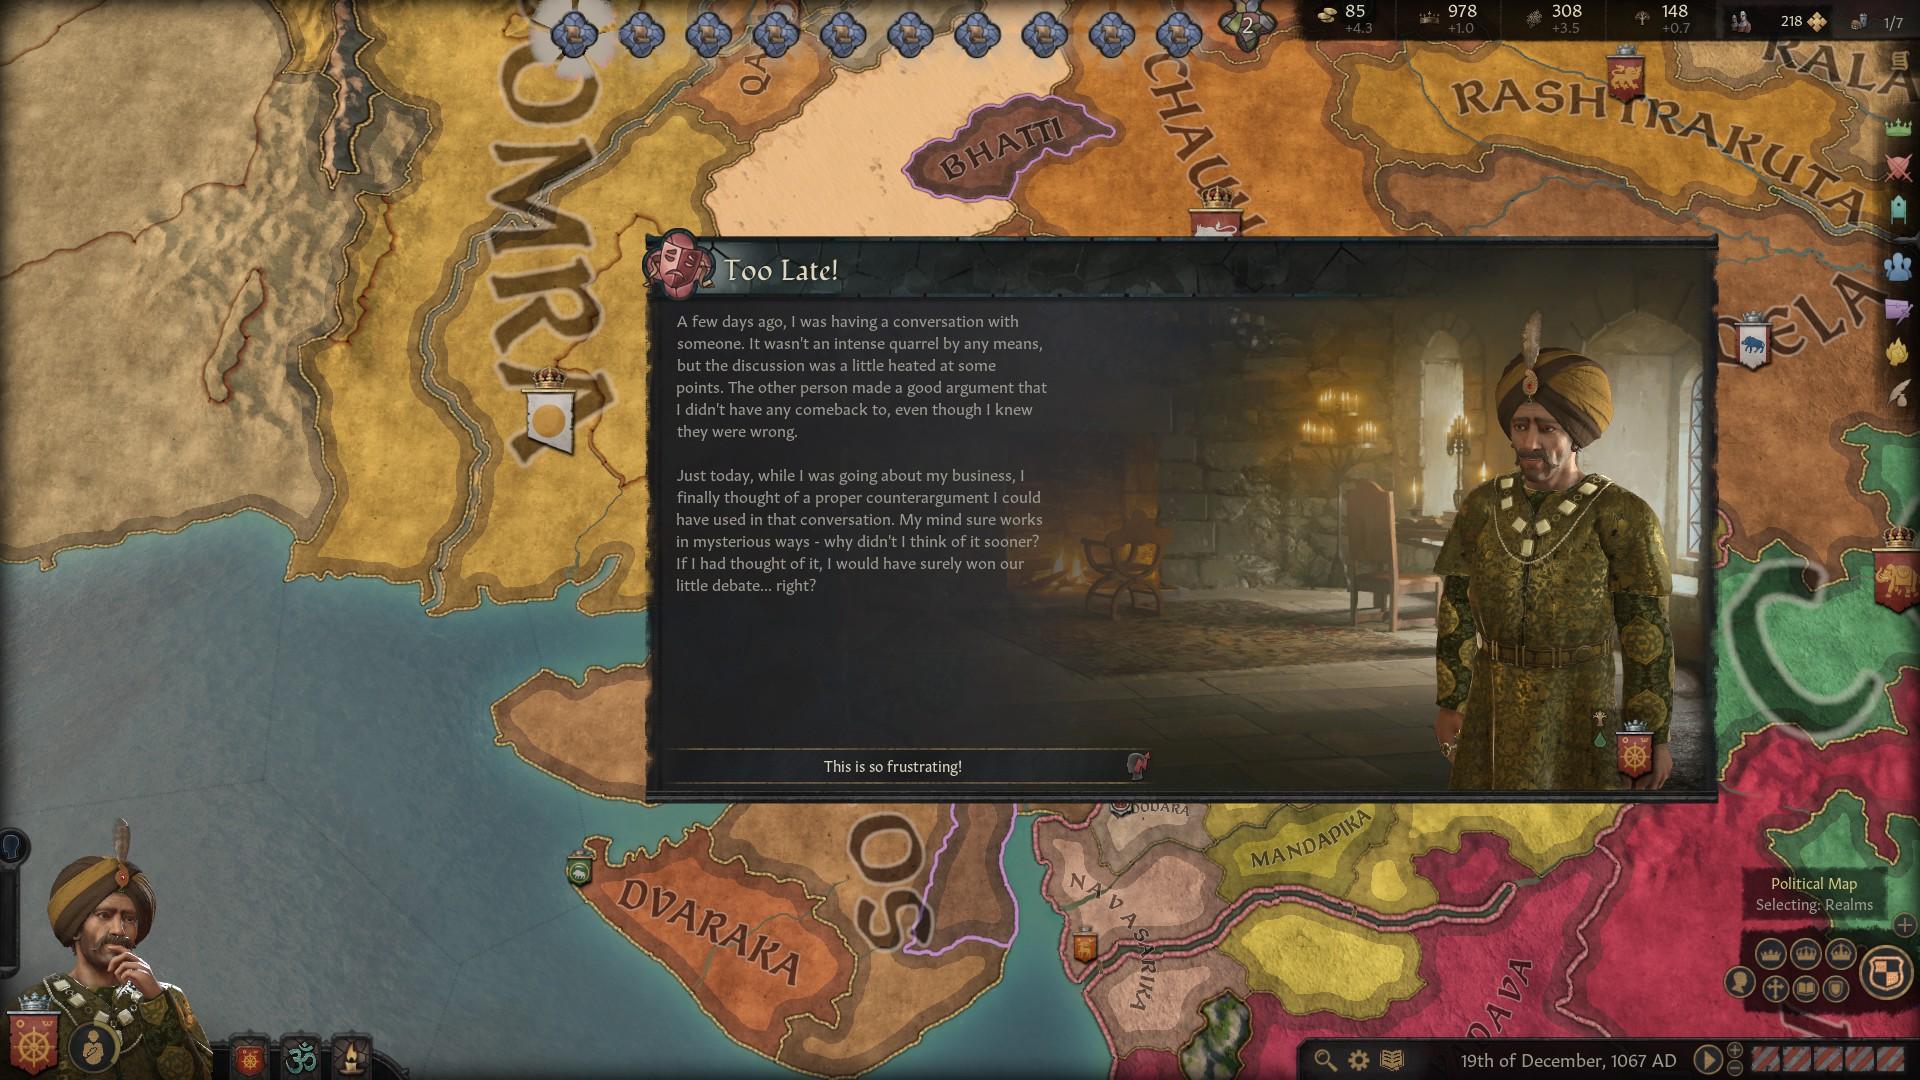 Una captura de pantalla de Crusader Kings 3 que muestra un evento en el que un personaje noble ha recordado un regreso inteligente por un desacuerdo días antes.